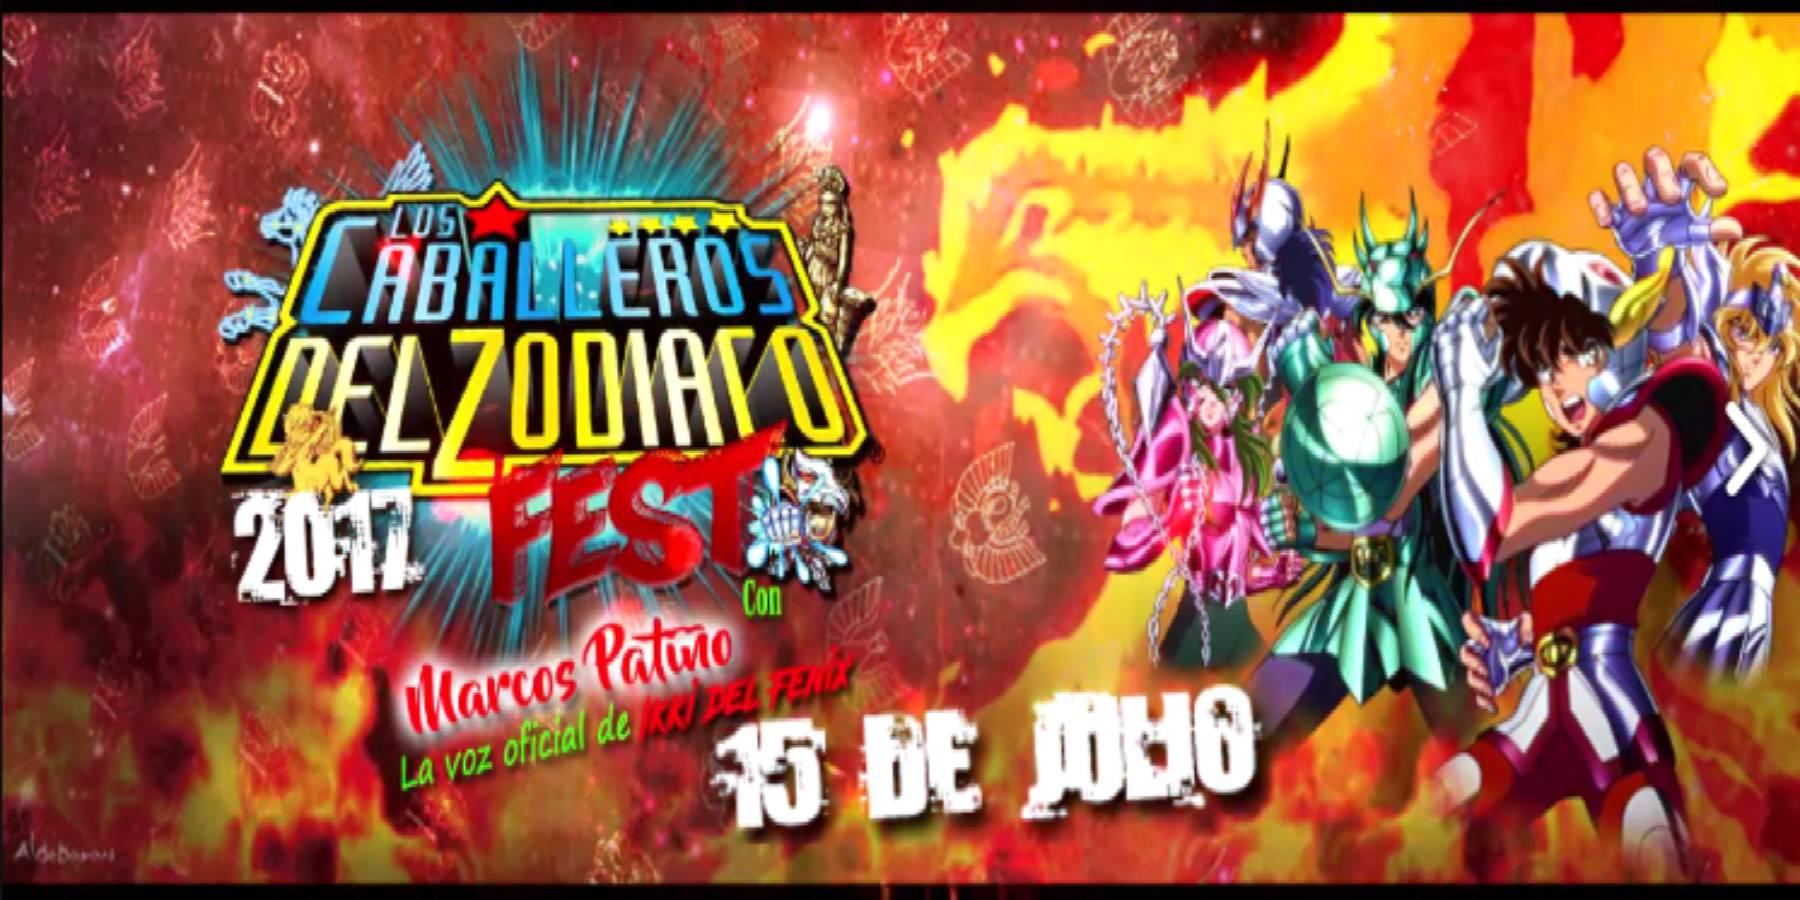 Los Caballeros del Zodiaco Fest 2017 | El retorno del Fénix